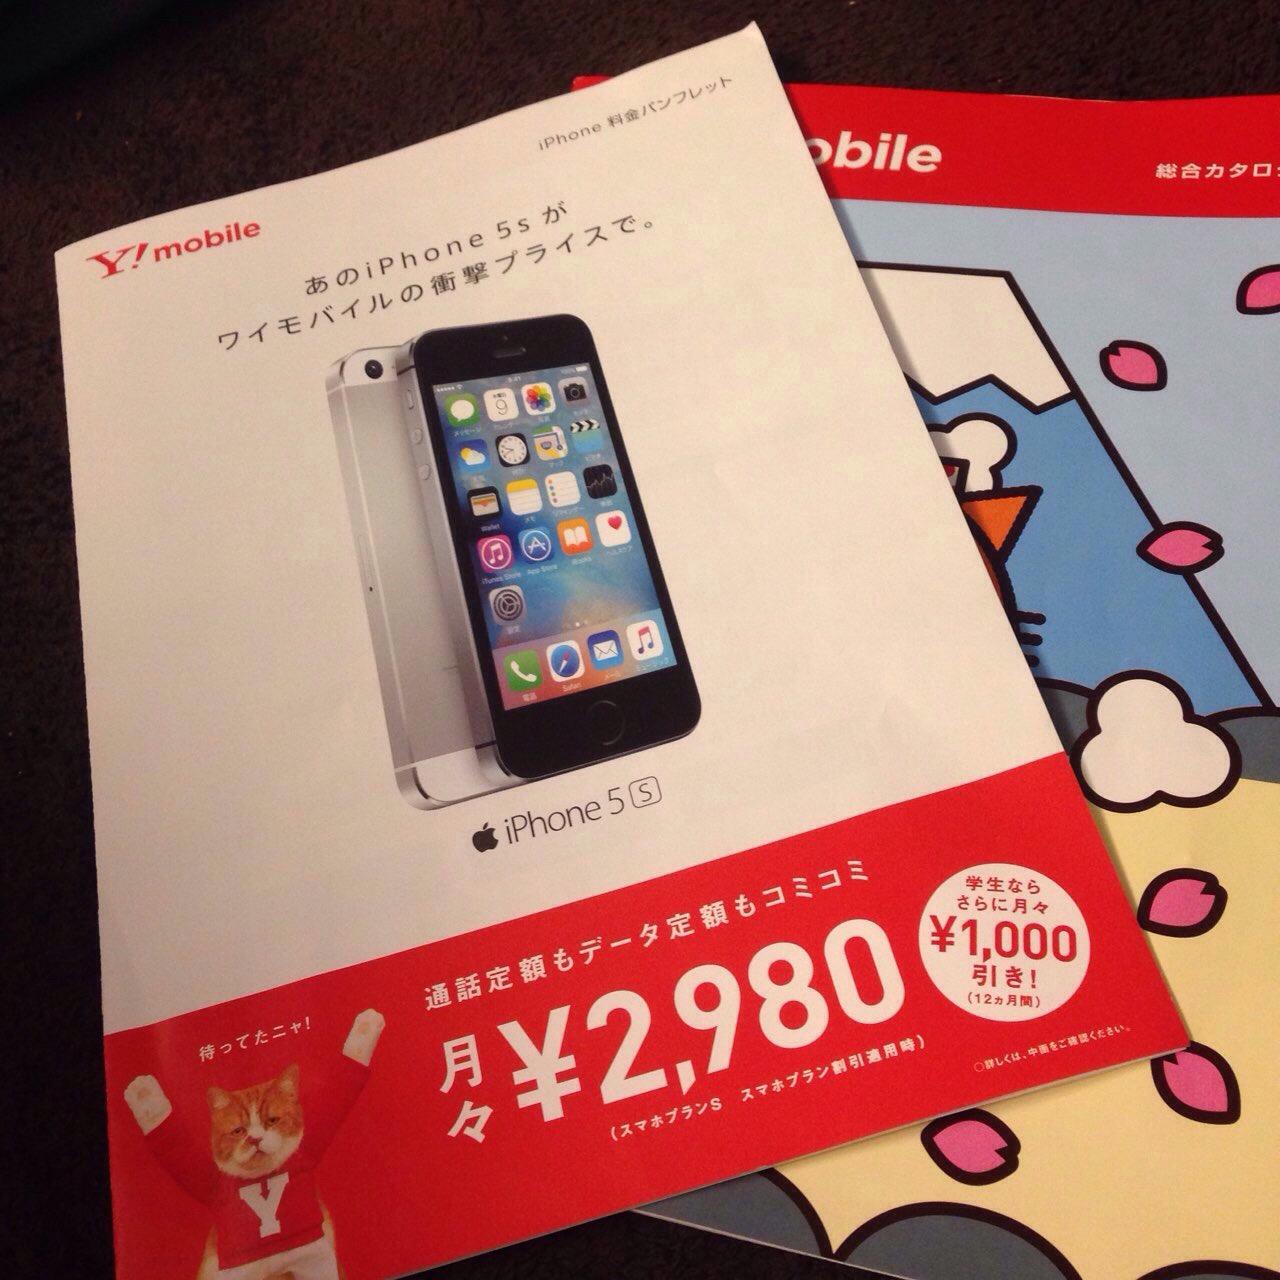 ワイモバイルのiPhone5sに乗り換えしようと思っていたのに、iPhoneSEが案外魅力的で検討中